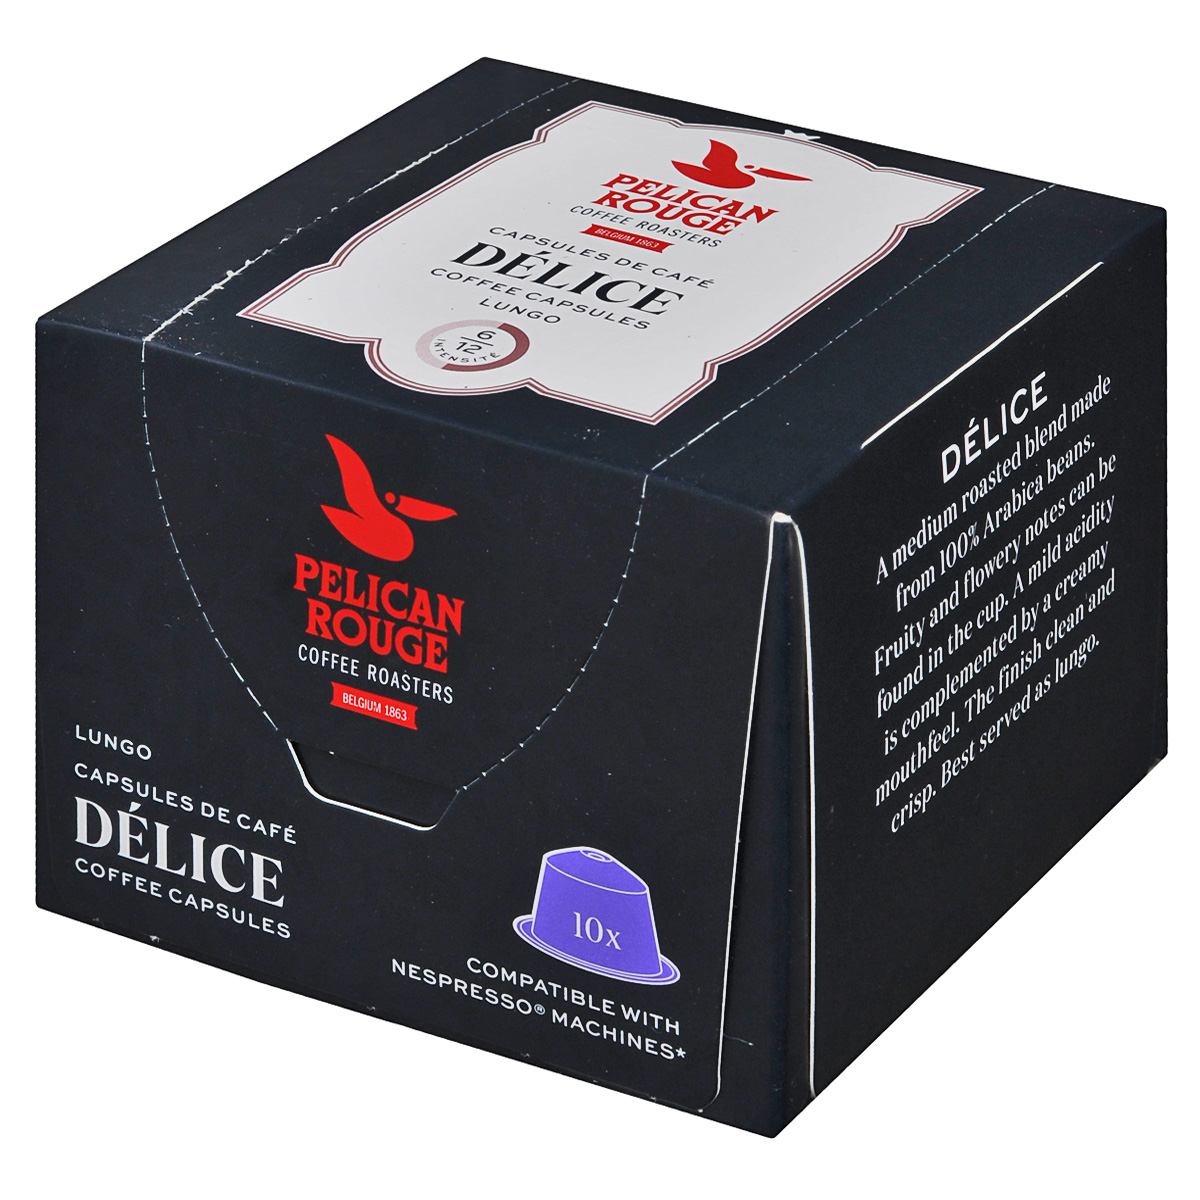 Pelican Rouge Delice кофе в капсулах, 10 шт professo gurme кофе в капсулах 8 шт